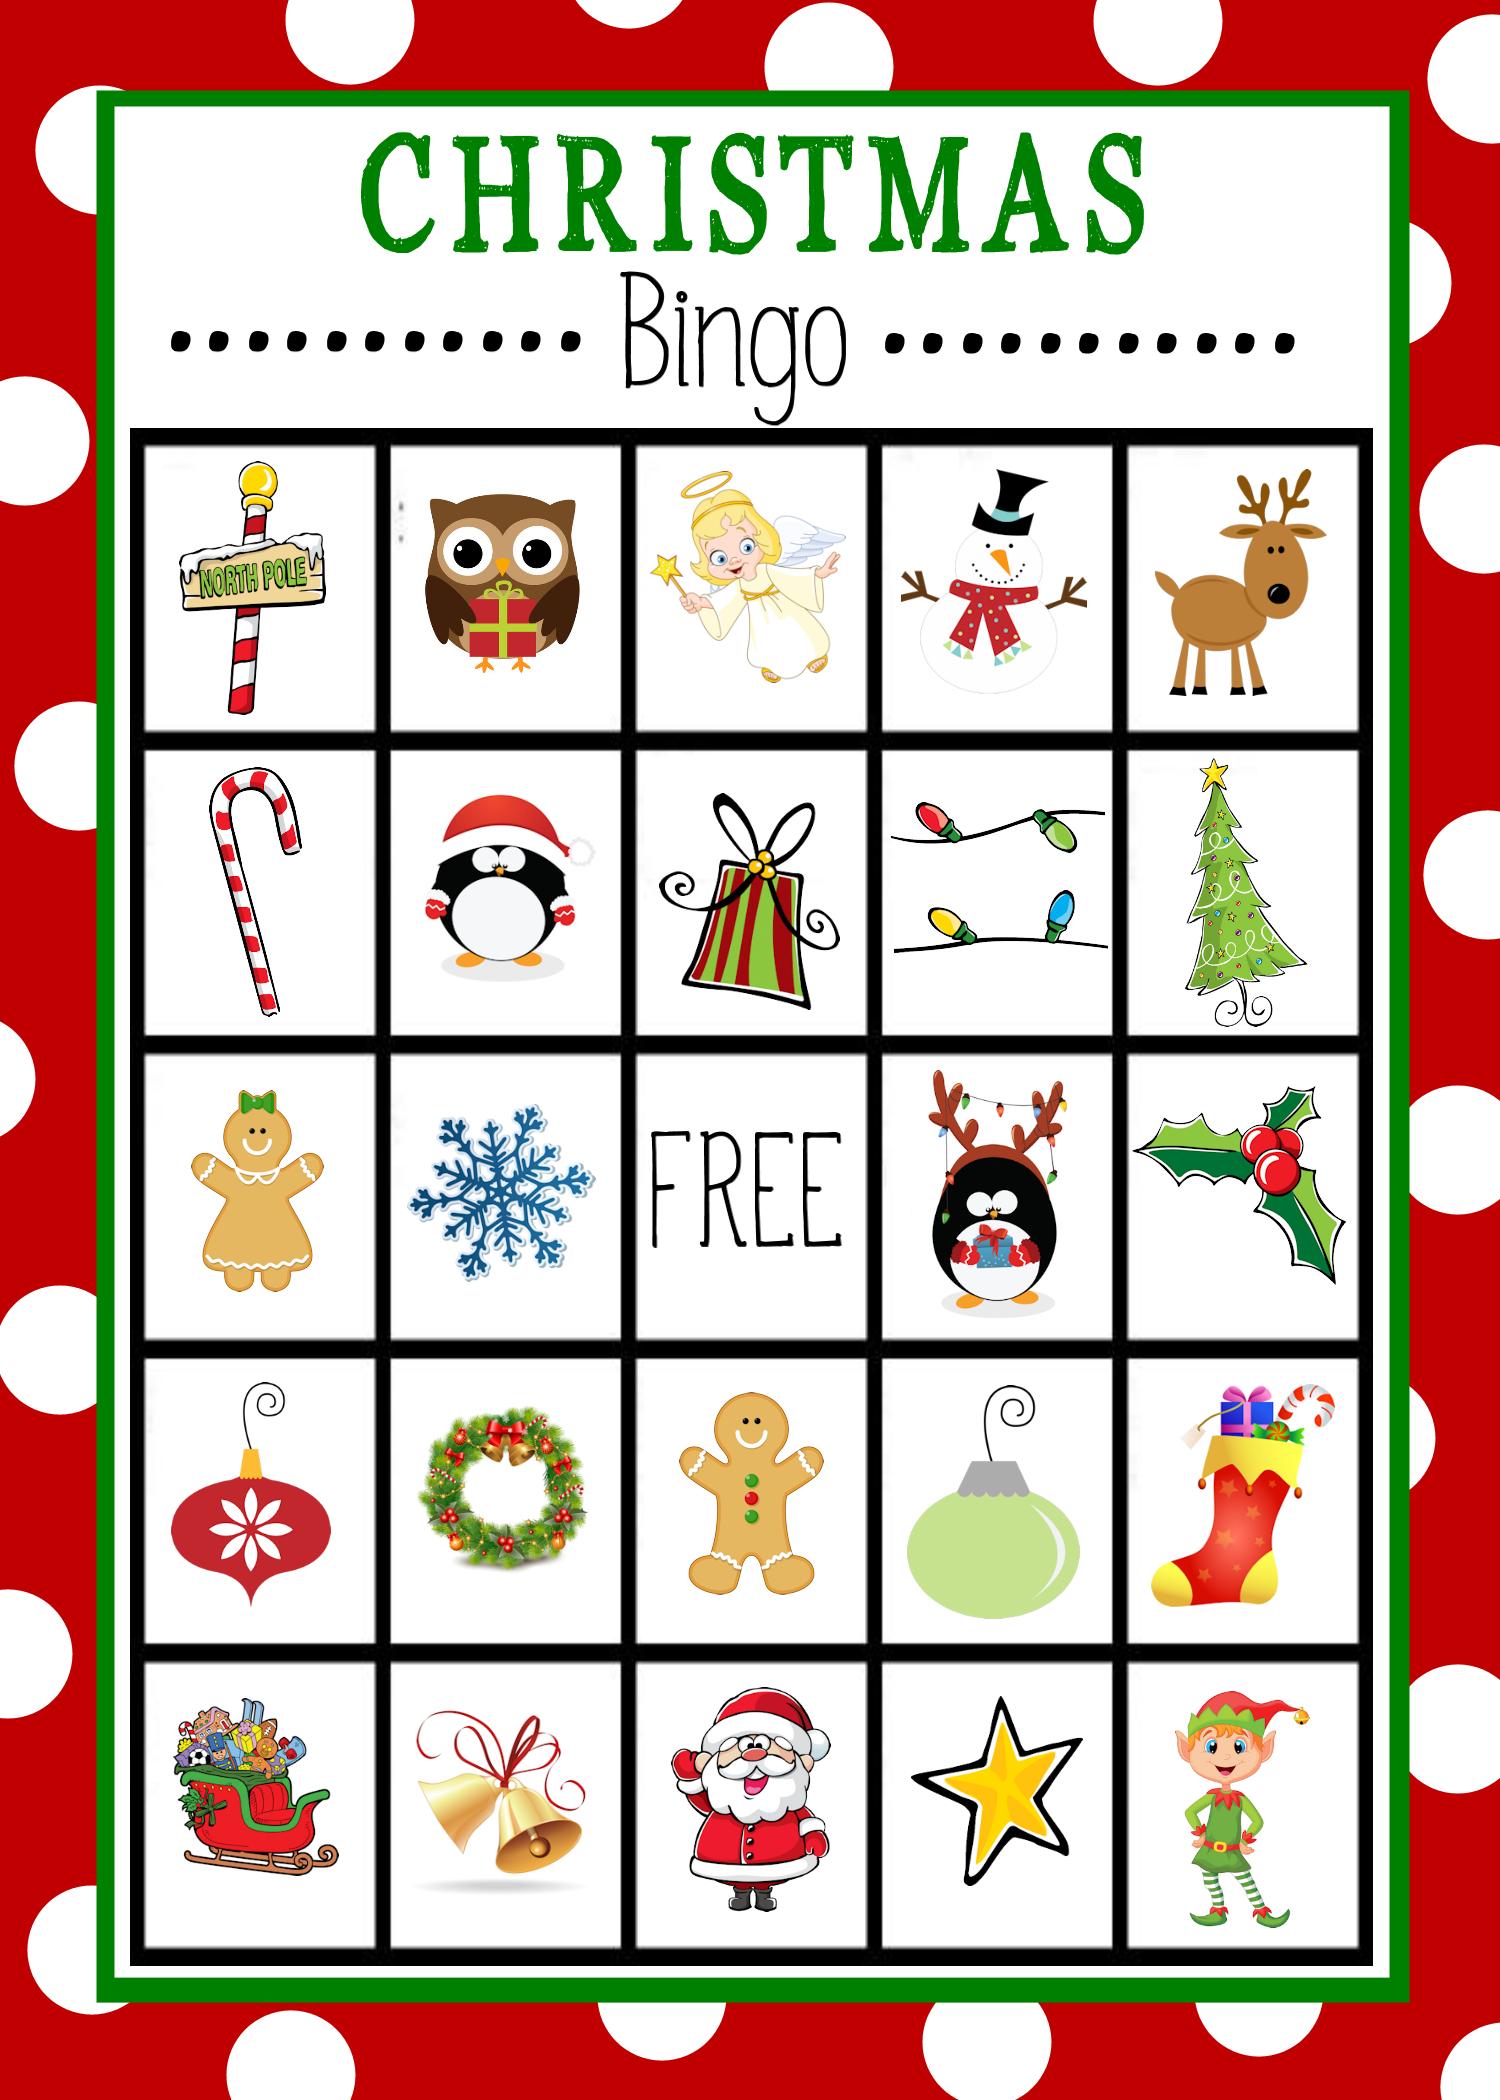 Free Printable Christmas Bingo Game   Christmas   Christmas Bingo - Free Christmas Bingo Game Printable